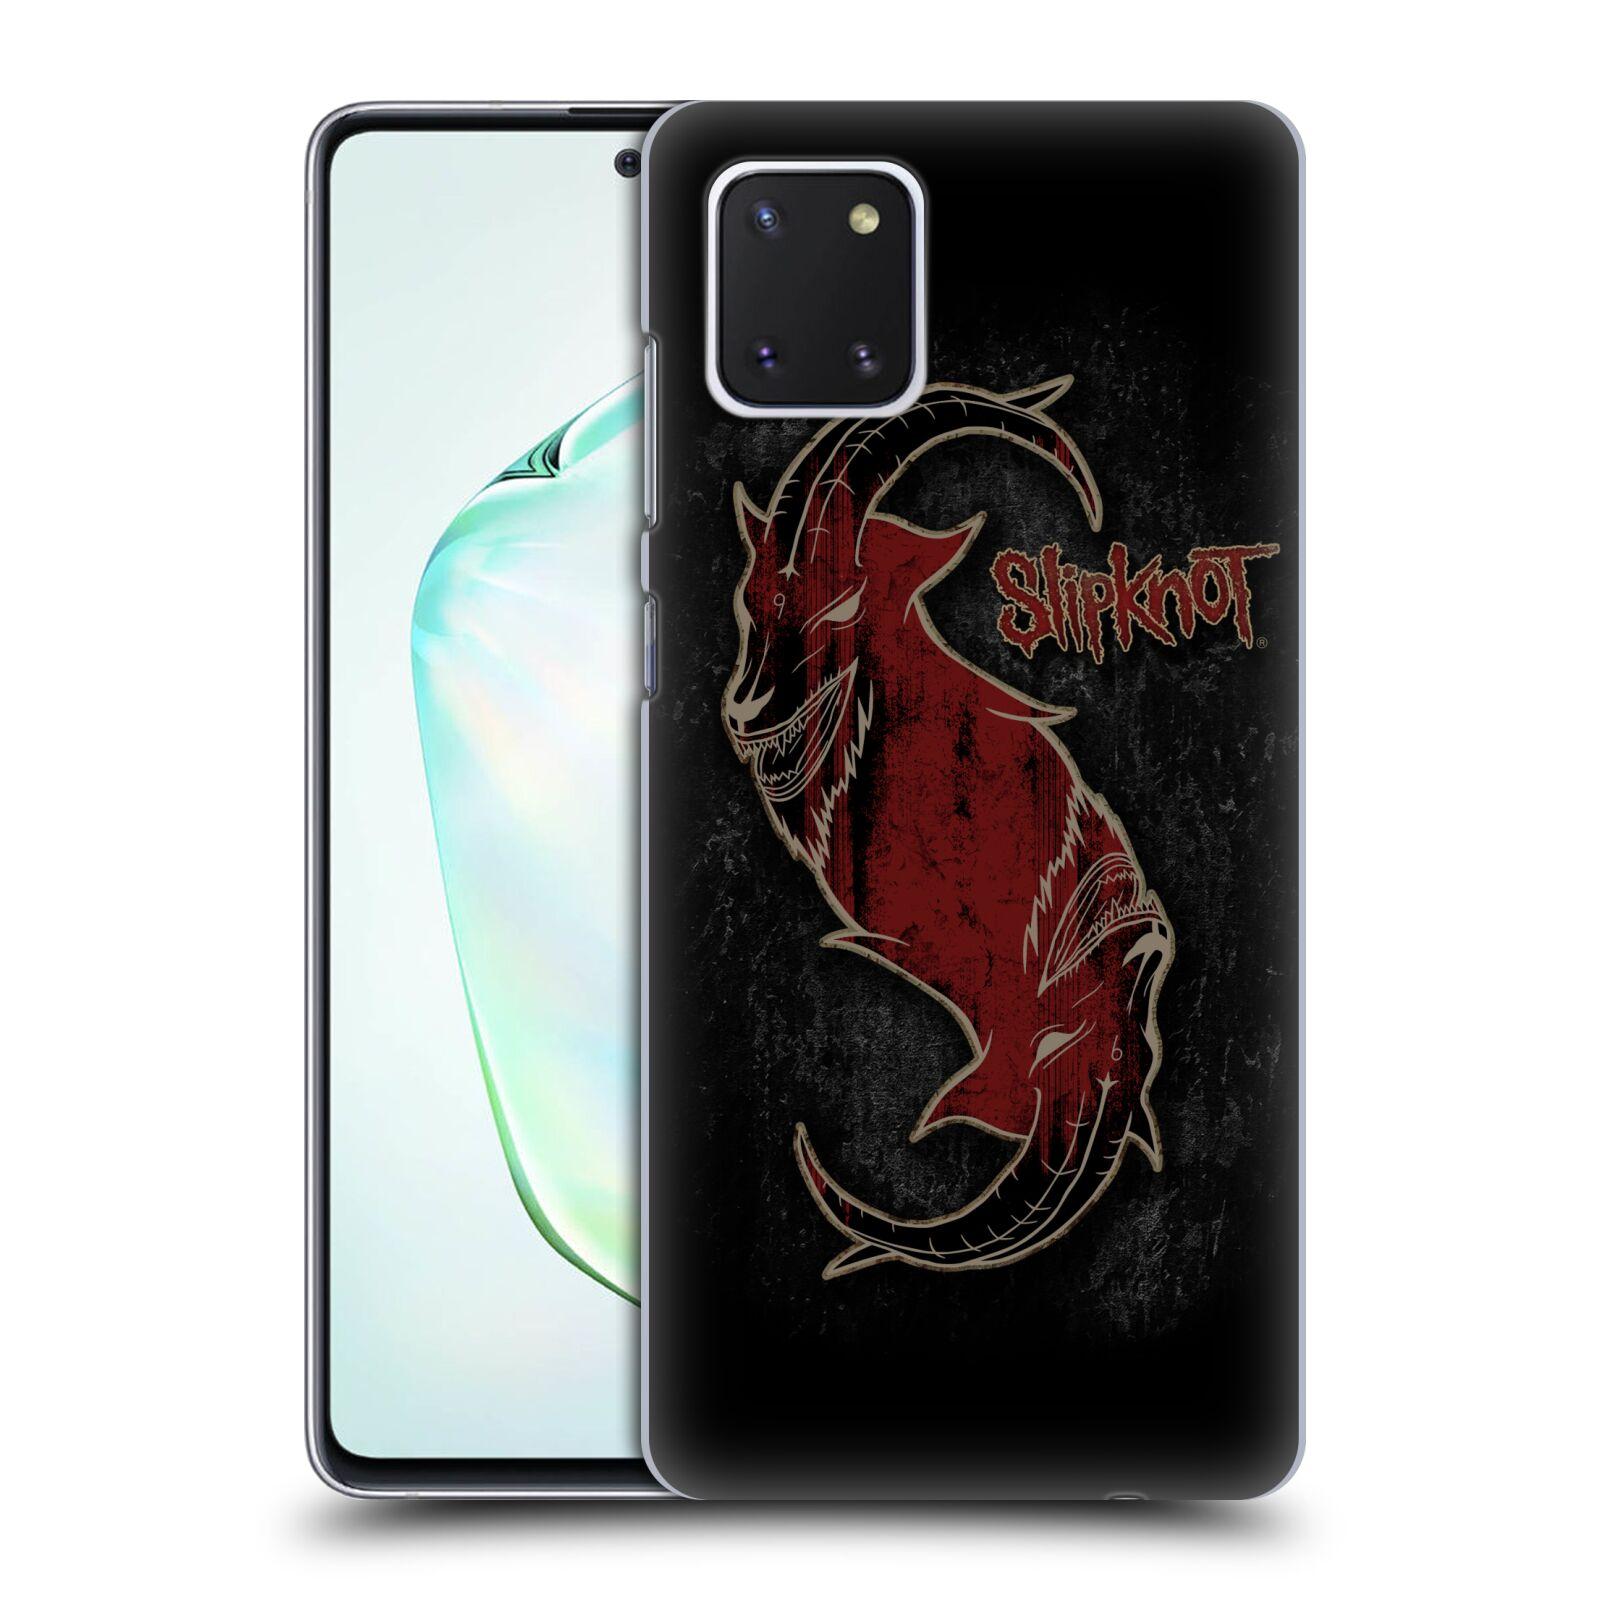 Plastové pouzdro na mobil Samsung Galaxy Note 10 Lite - Head Case - Slipknot - Rudý kozel